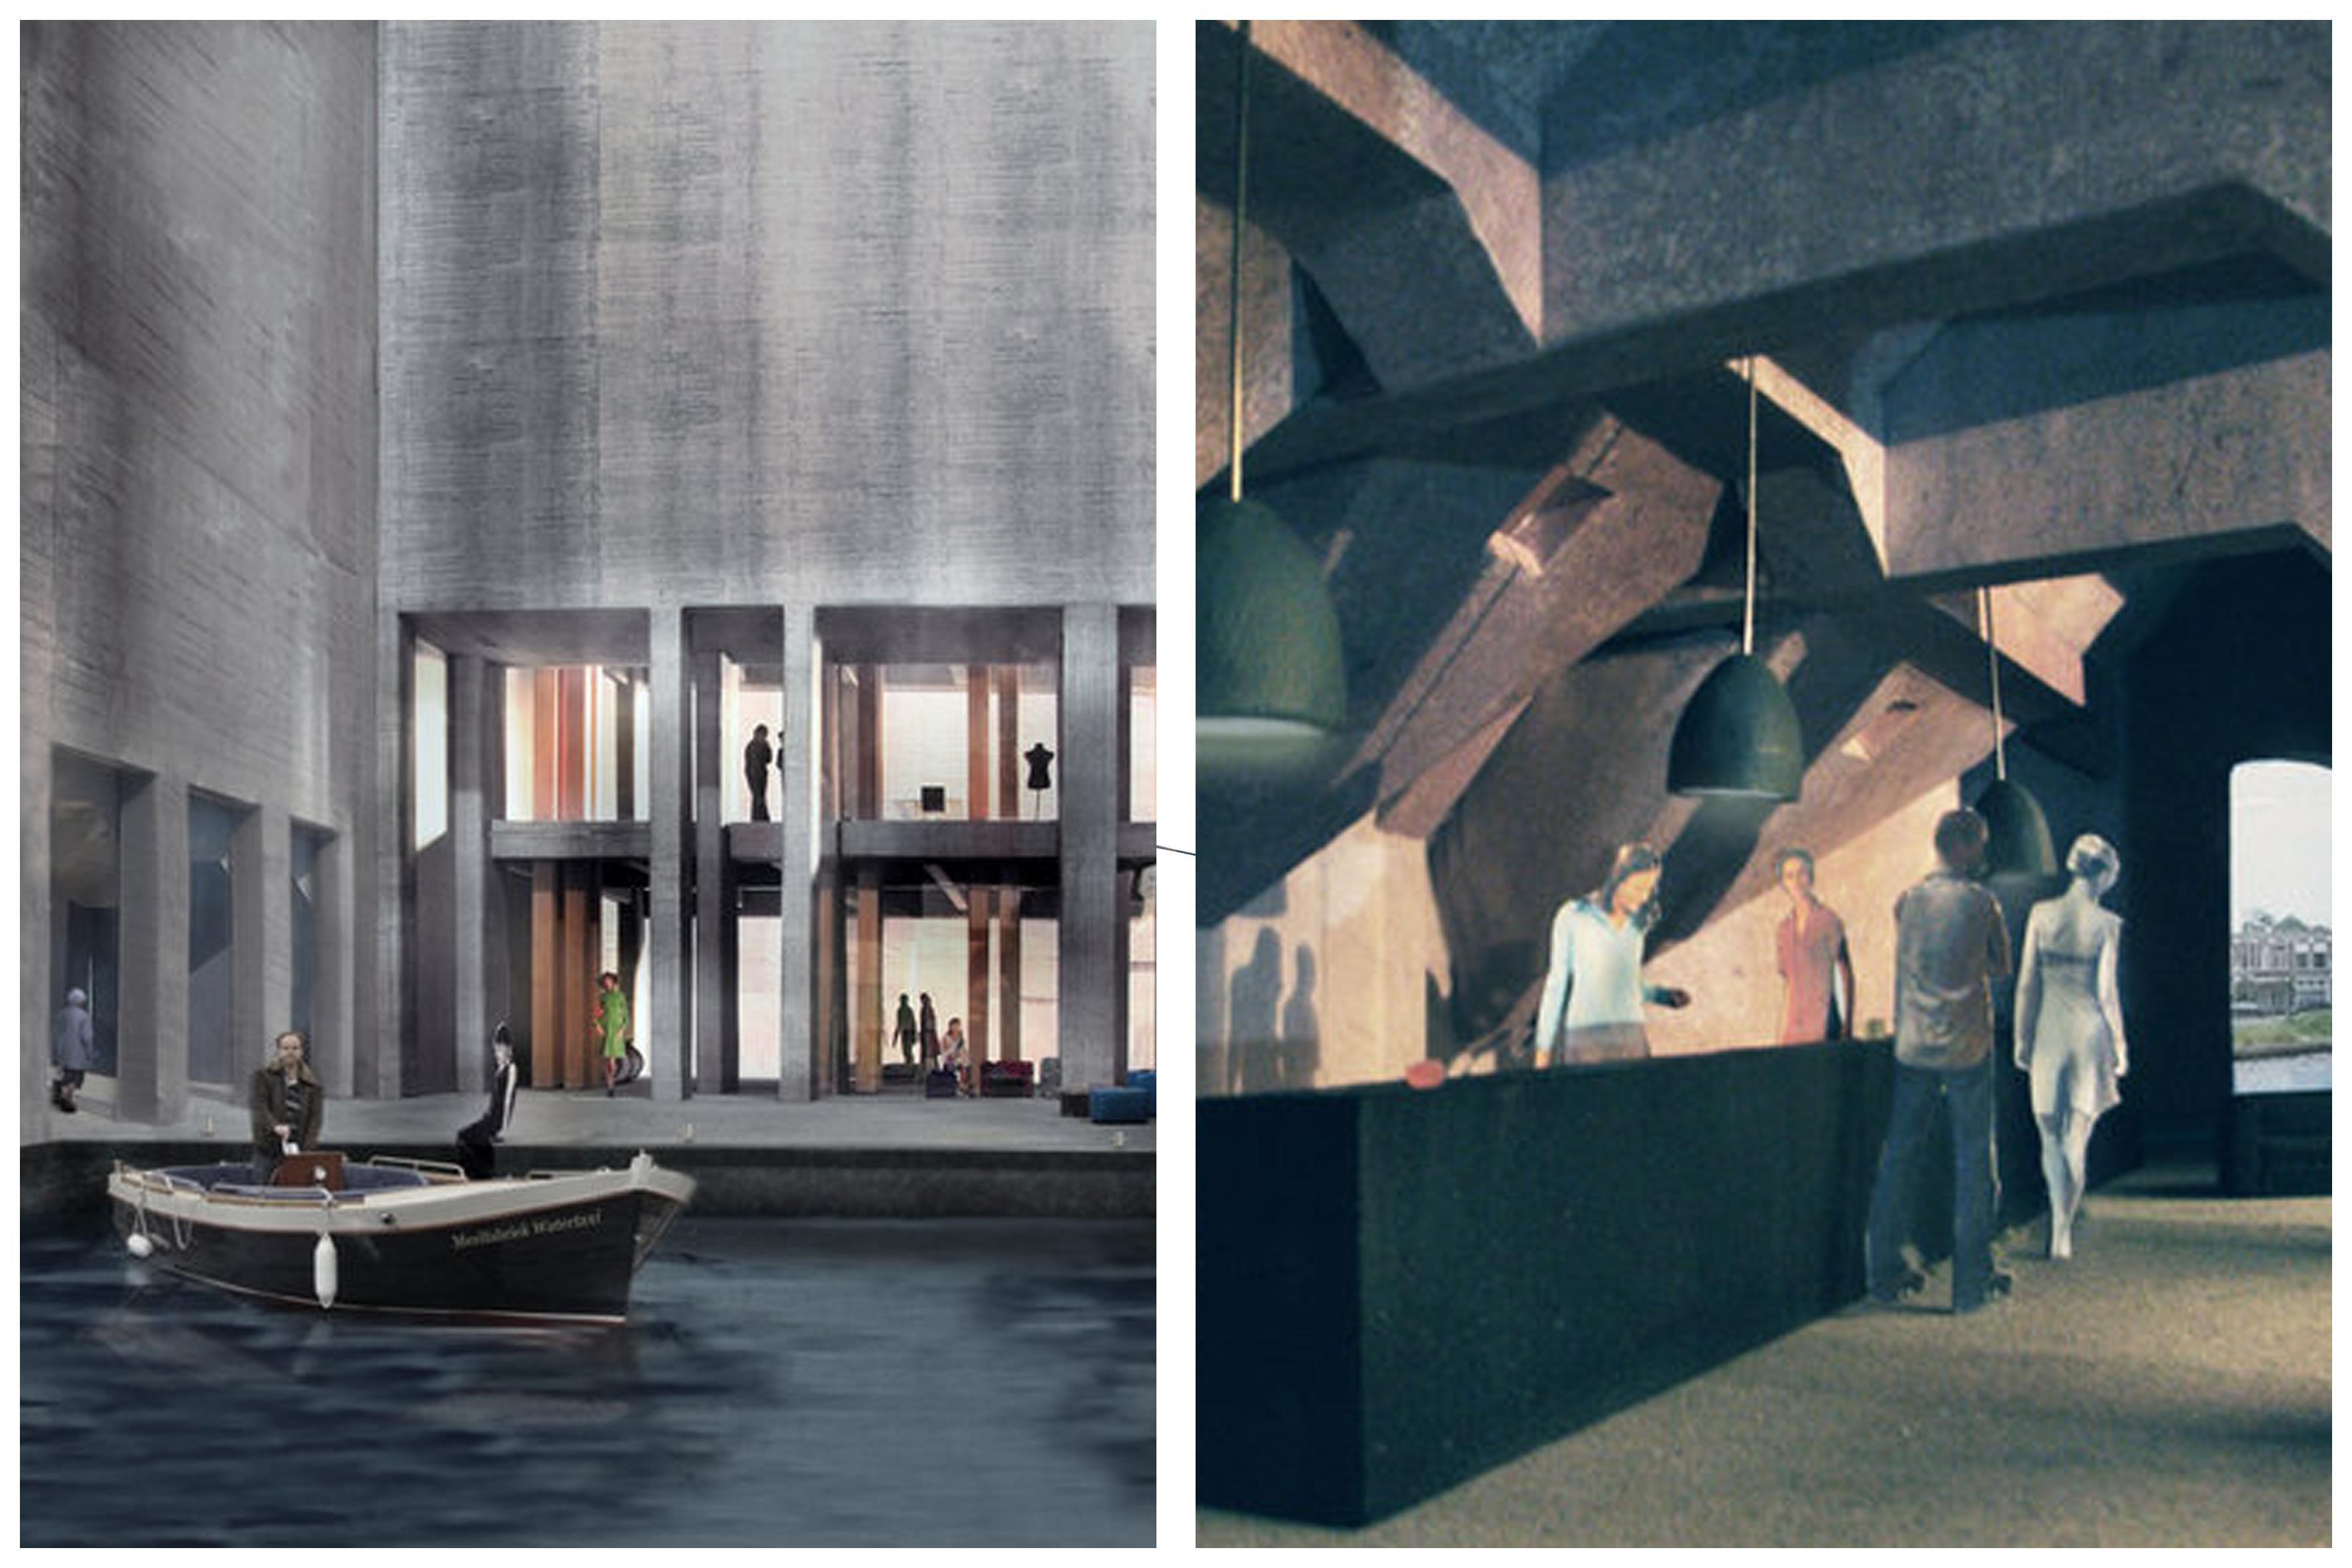 peter zumthor factory reuse hotel 3543 2362 renderinger pinterest peter zumthor. Black Bedroom Furniture Sets. Home Design Ideas